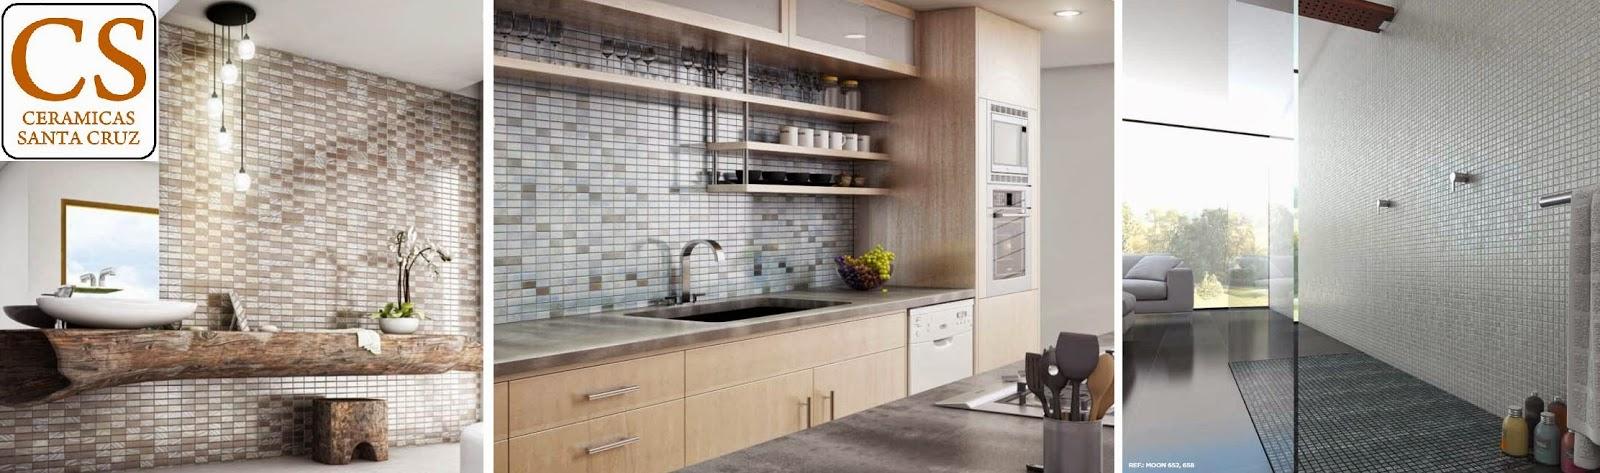 gresite para la reforma de baos y cocinas ideales para encimeras y paredes de ducha